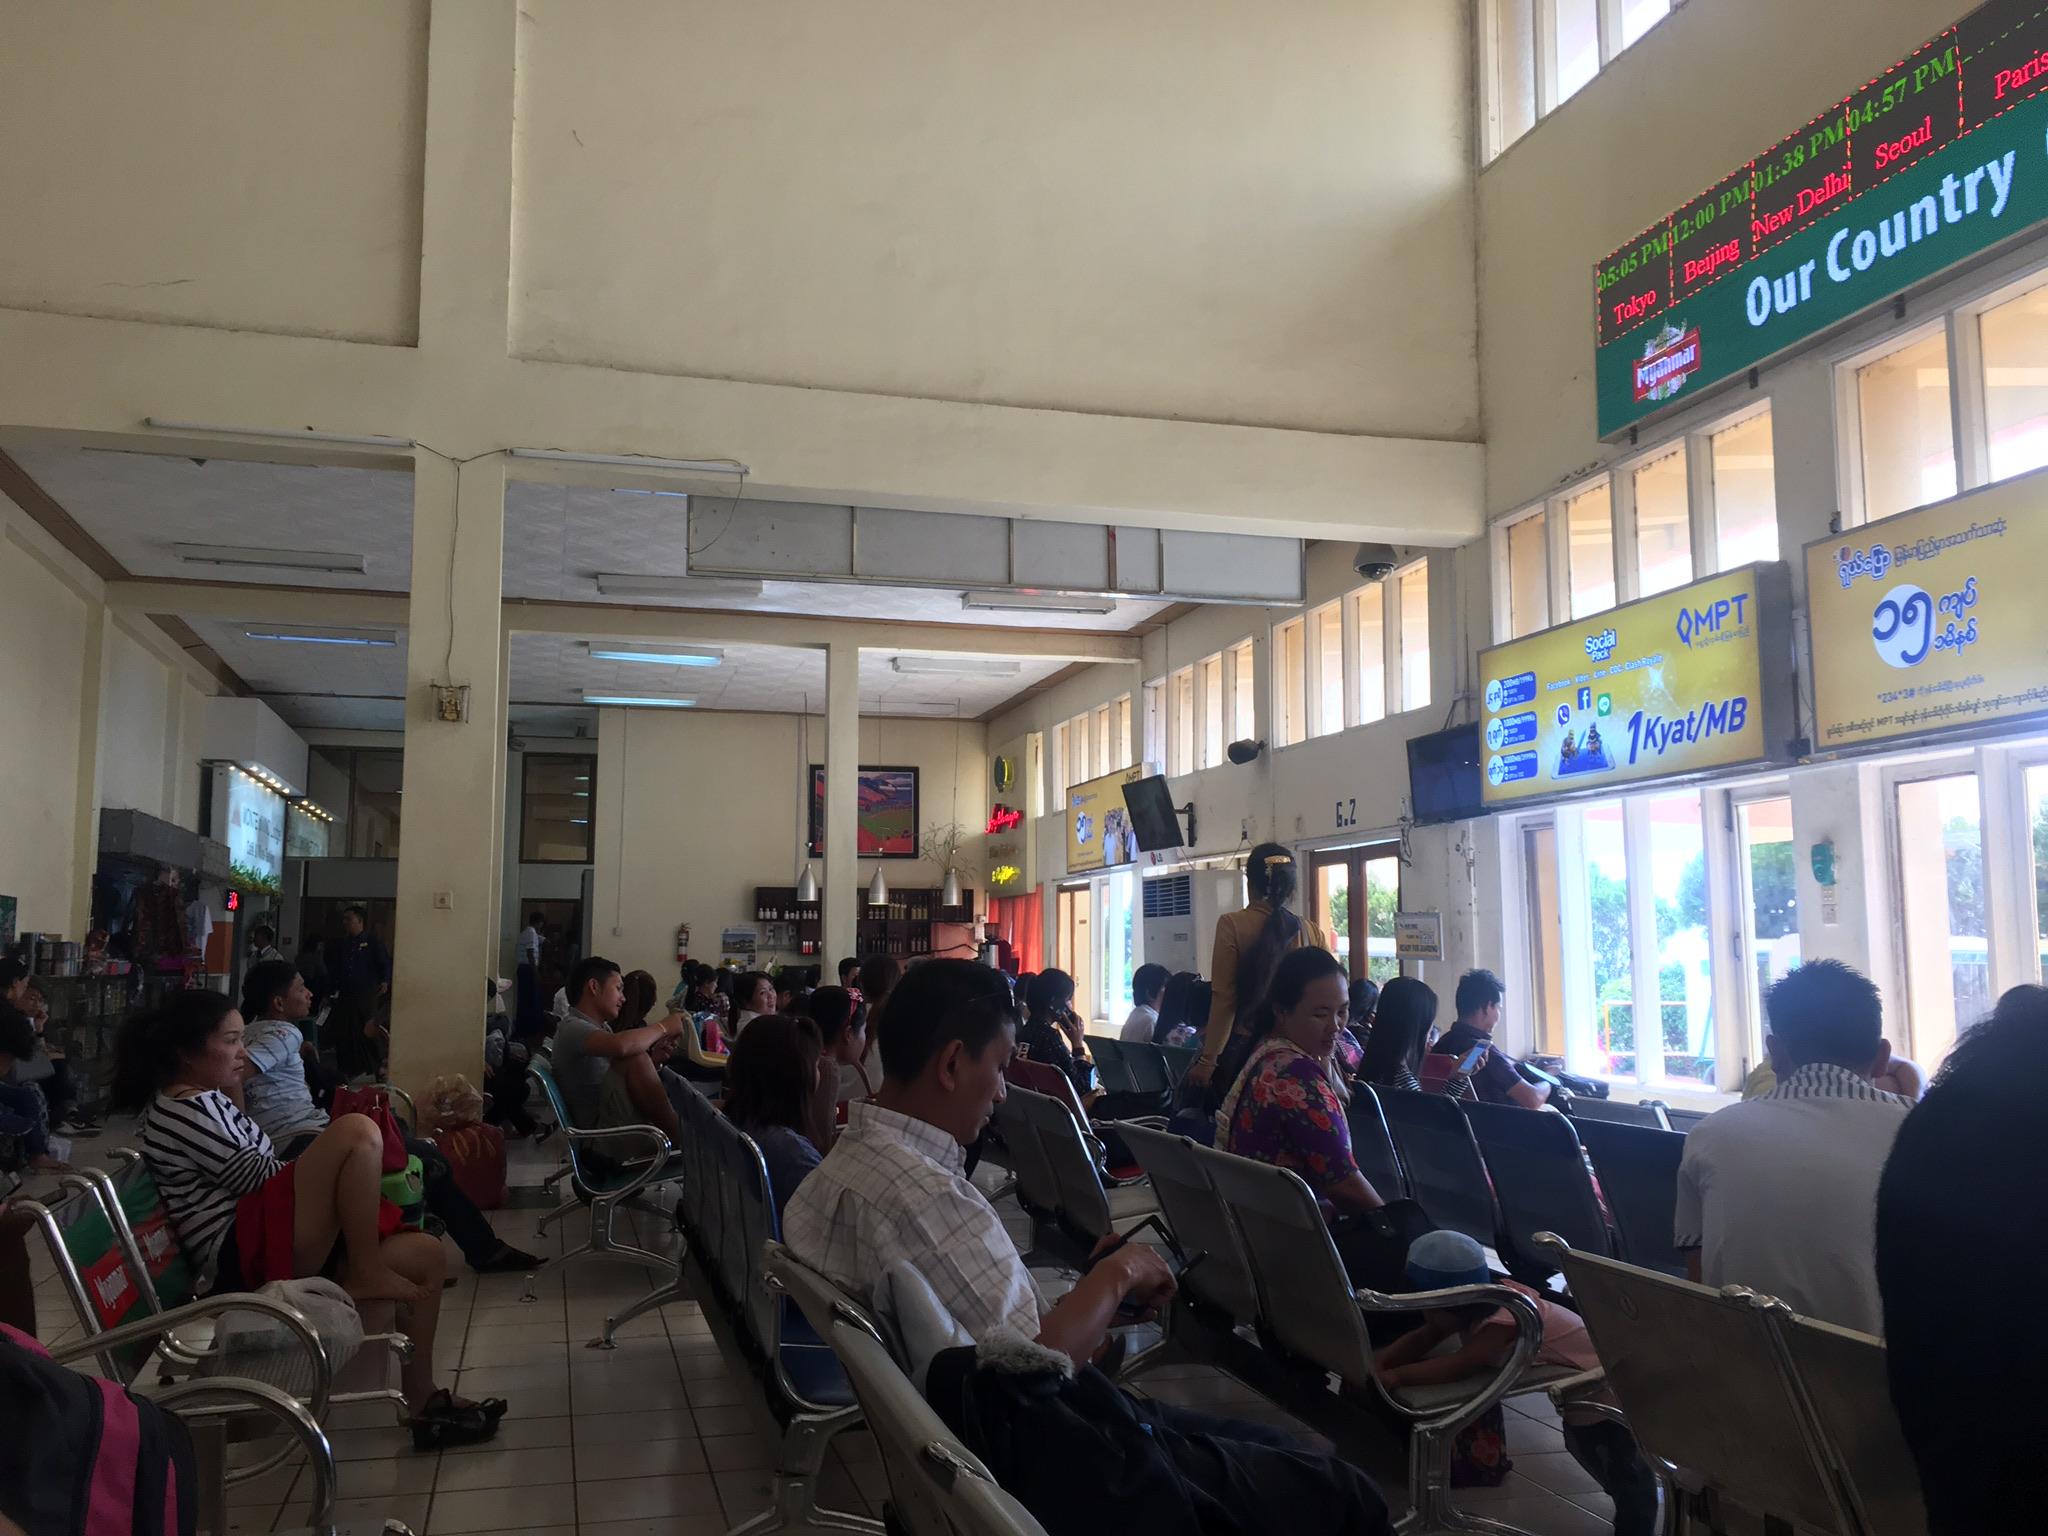 Hehe Airport